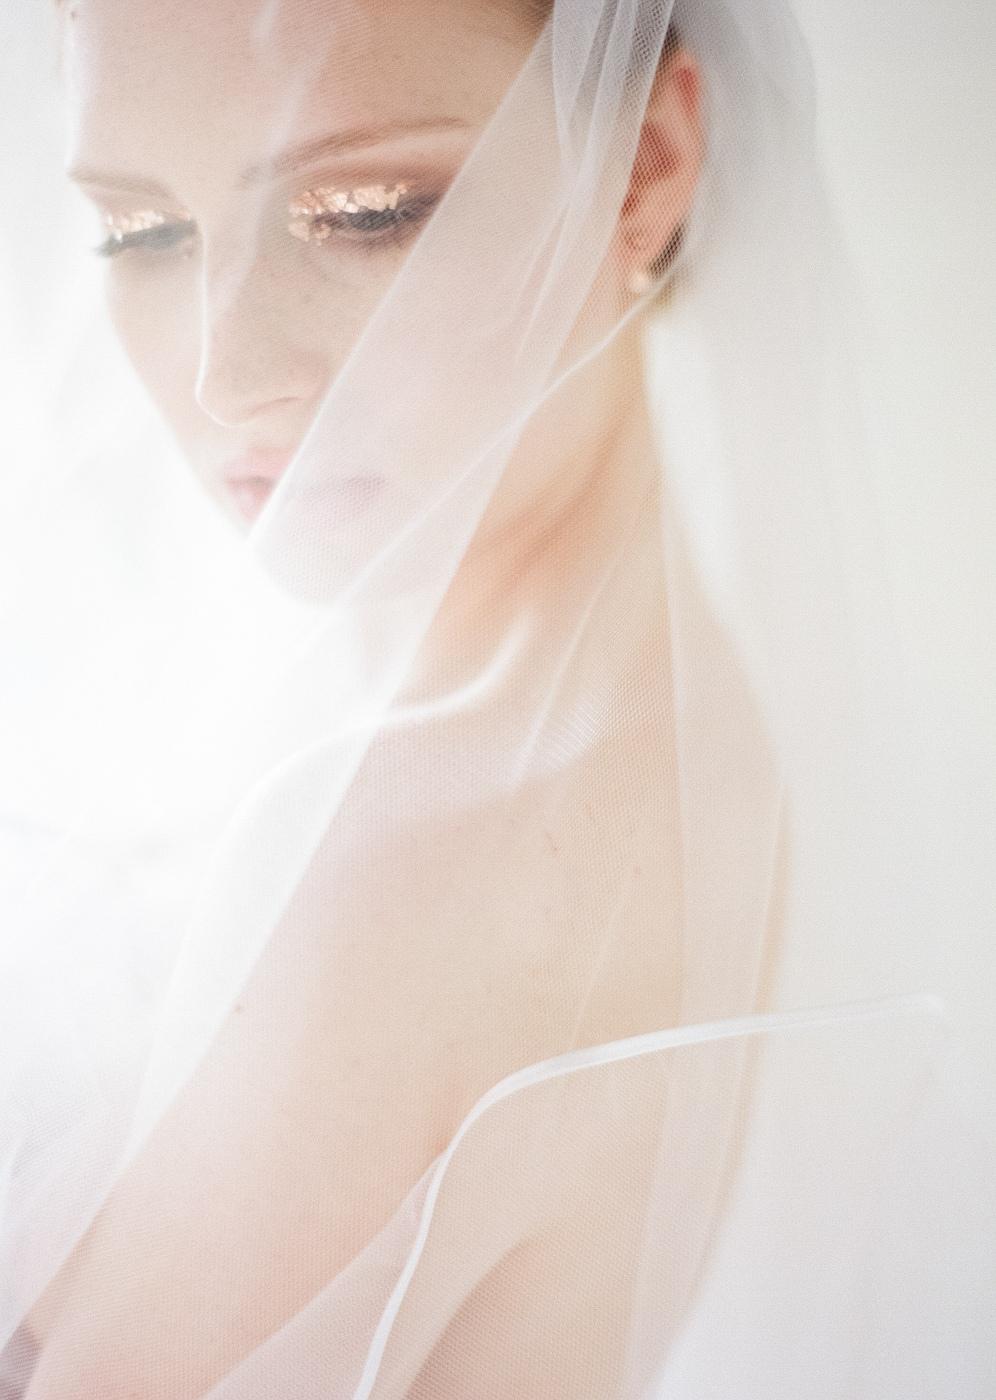 Angelika Krinke – Kodak Portra 800 6x4,5